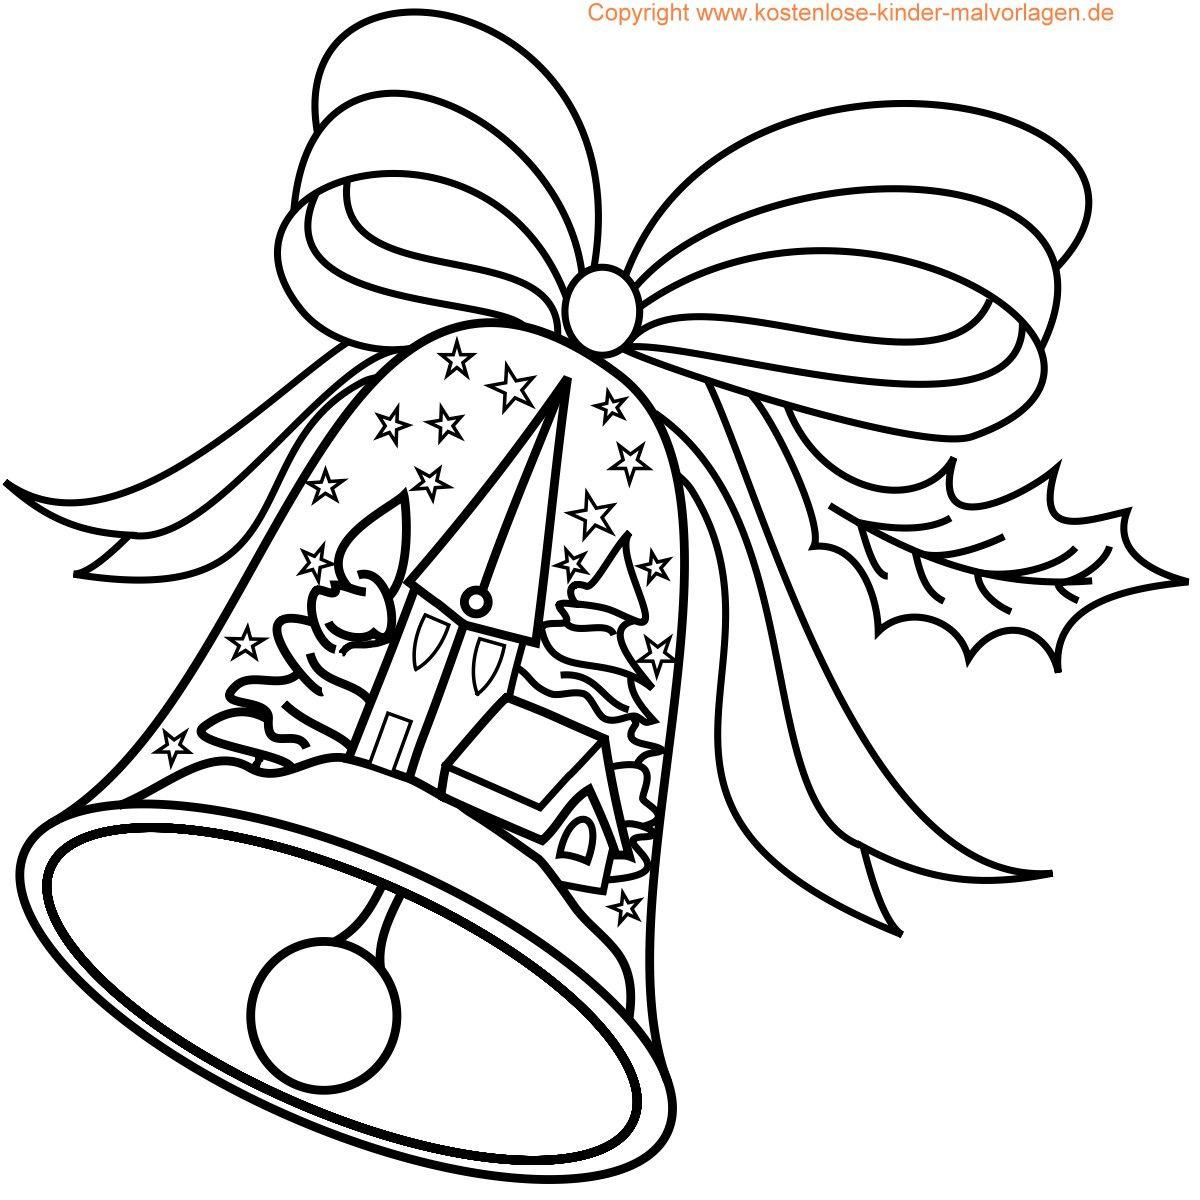 Weihnachten Malvorlagen | Malvorlagen Weihnachten bestimmt für Weihnachtsbilder Vorlagen